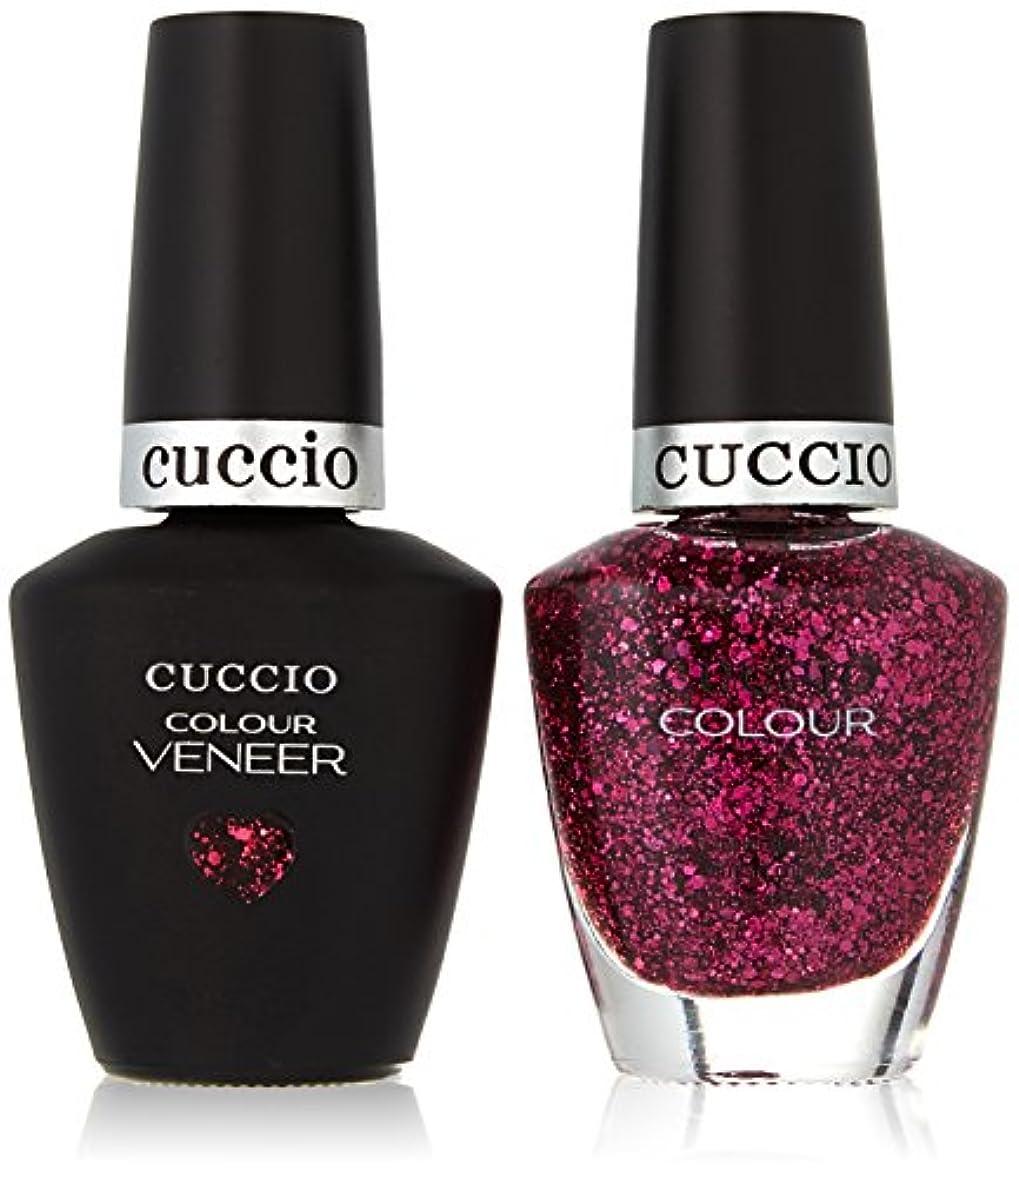 取る物語不安定Cuccio MatchMakers Veneer & Lacquer - Fever of Love - 0.43oz/13ml Each